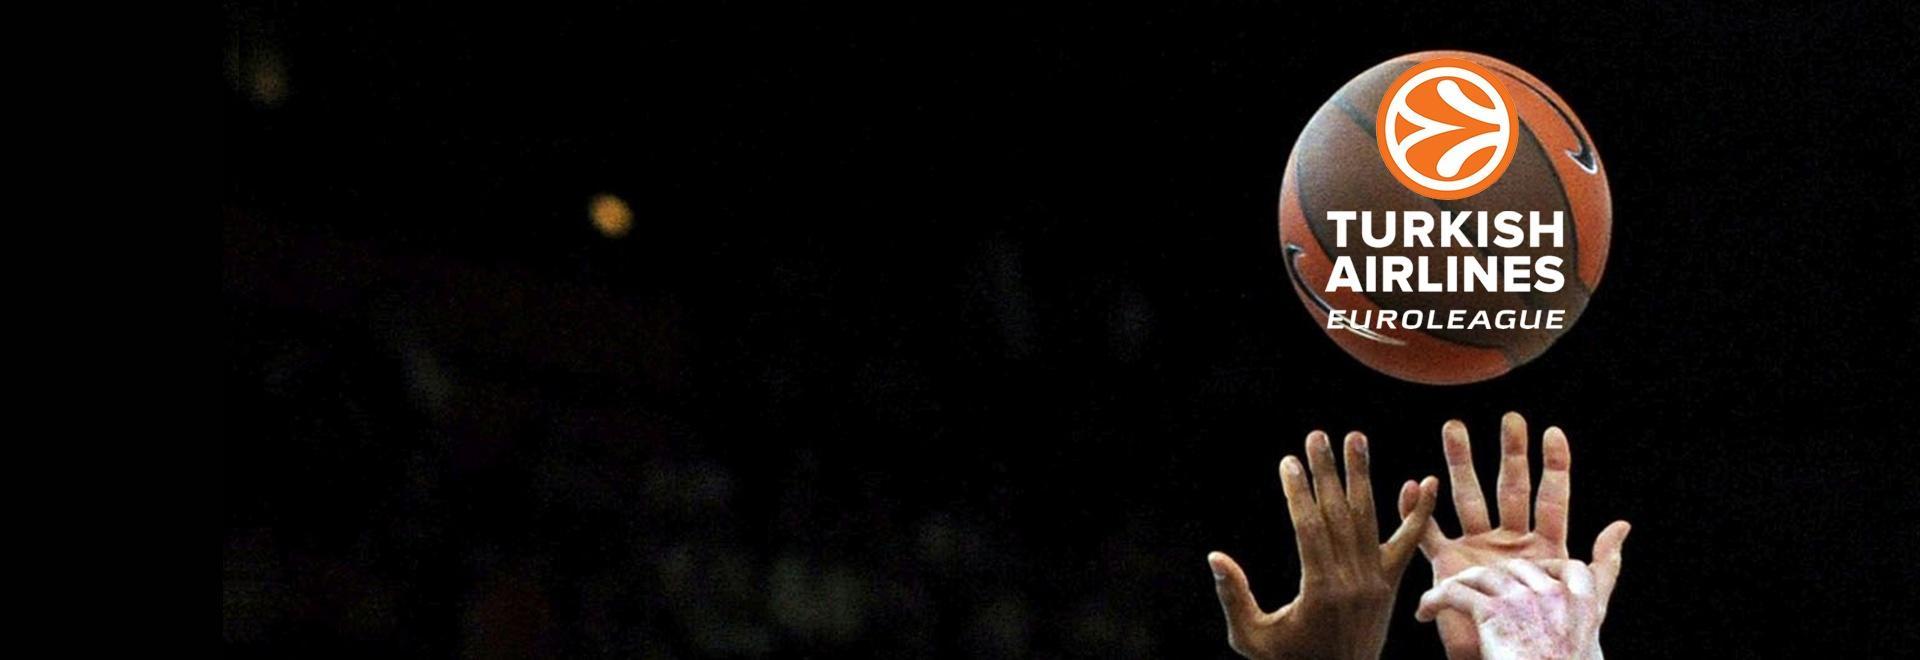 Anadolu Efes - Real Madrid. 4a g.